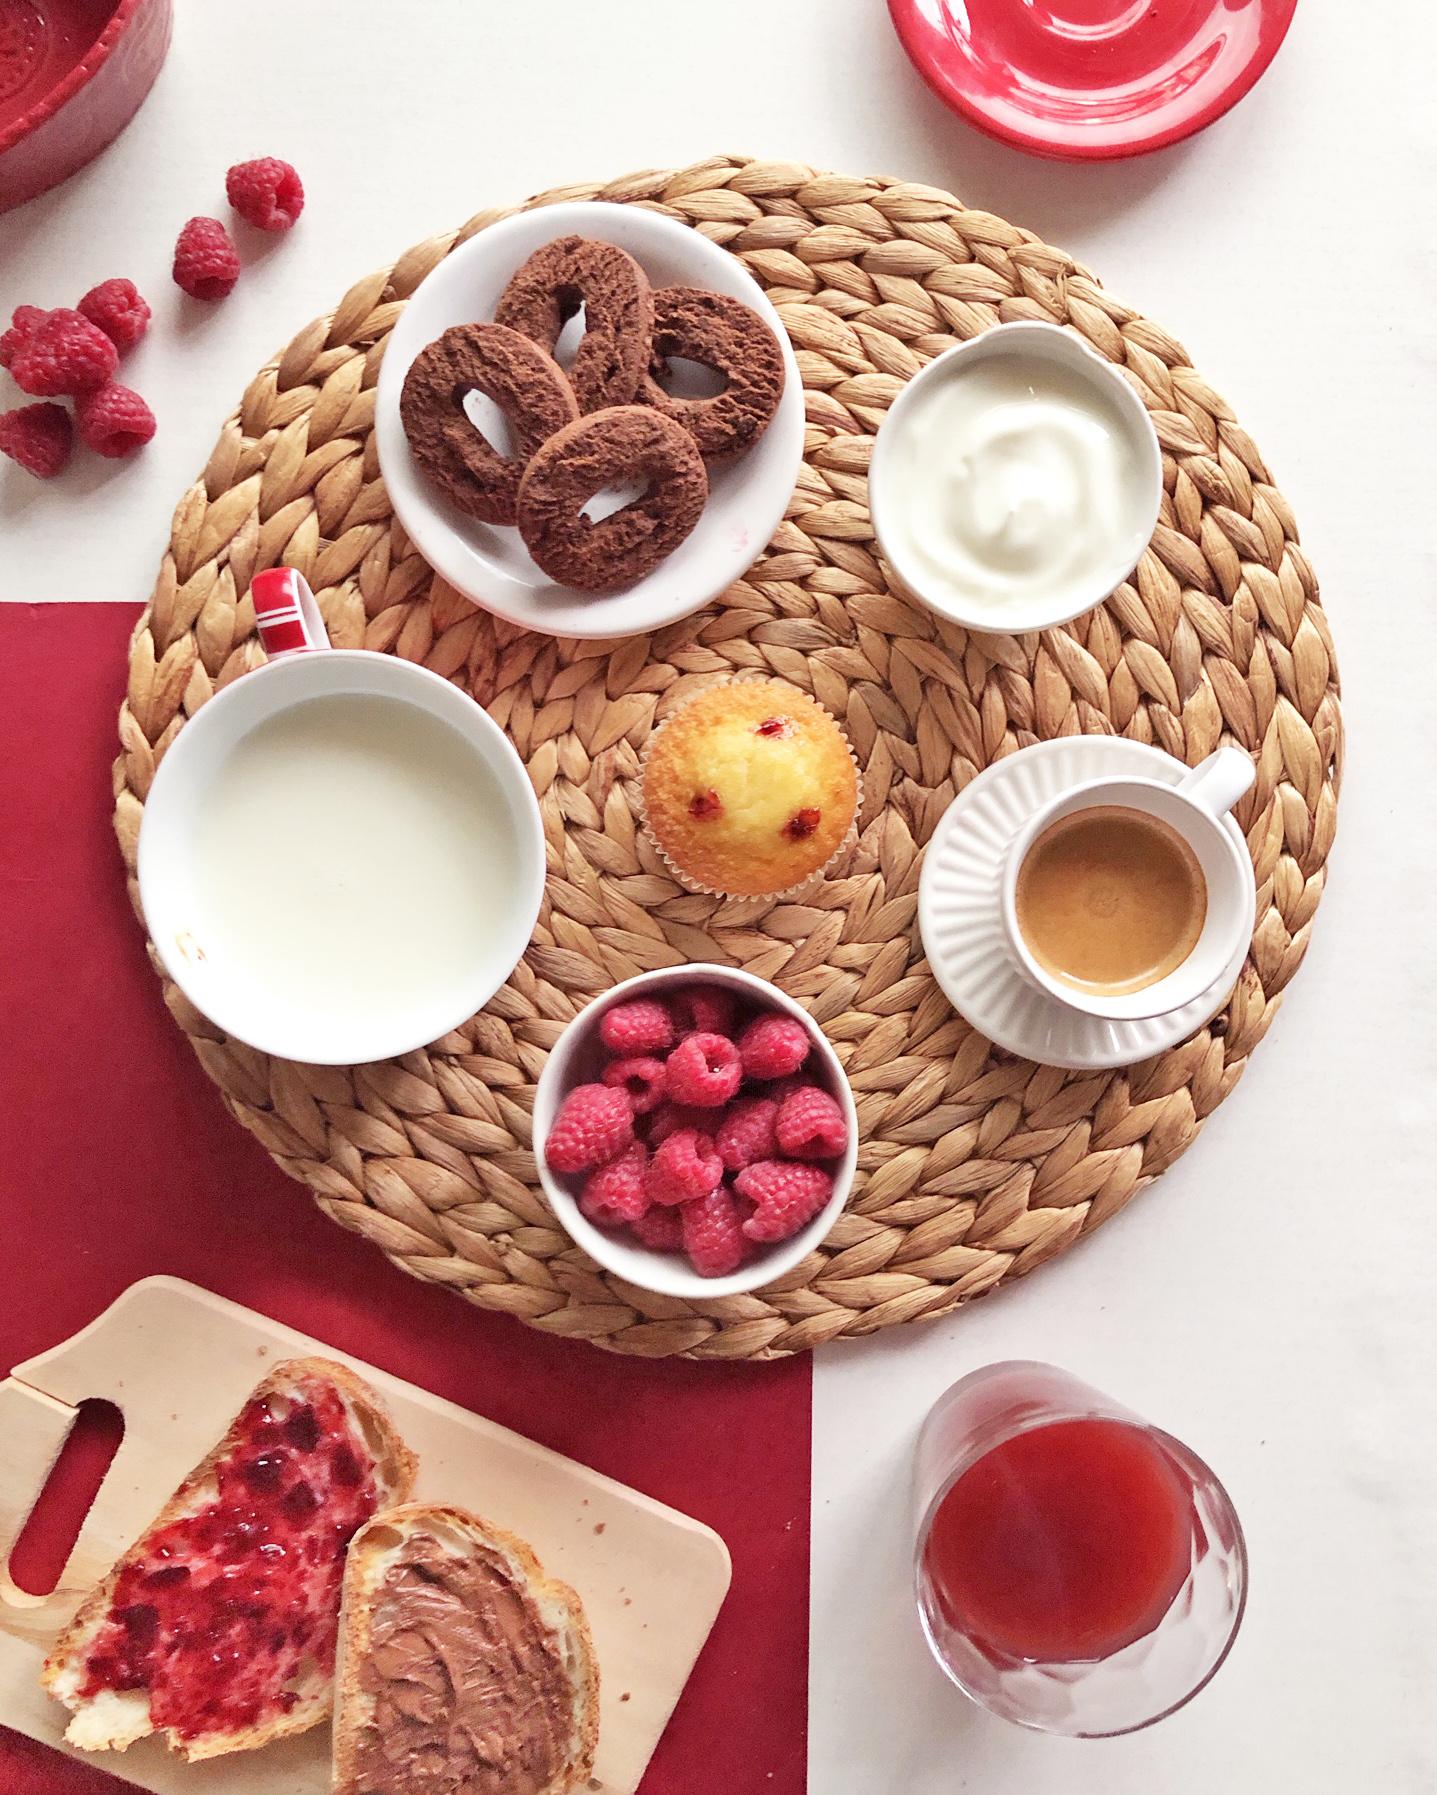 2_-colazione-in-rosso_-cr-breakfast-and-coffee